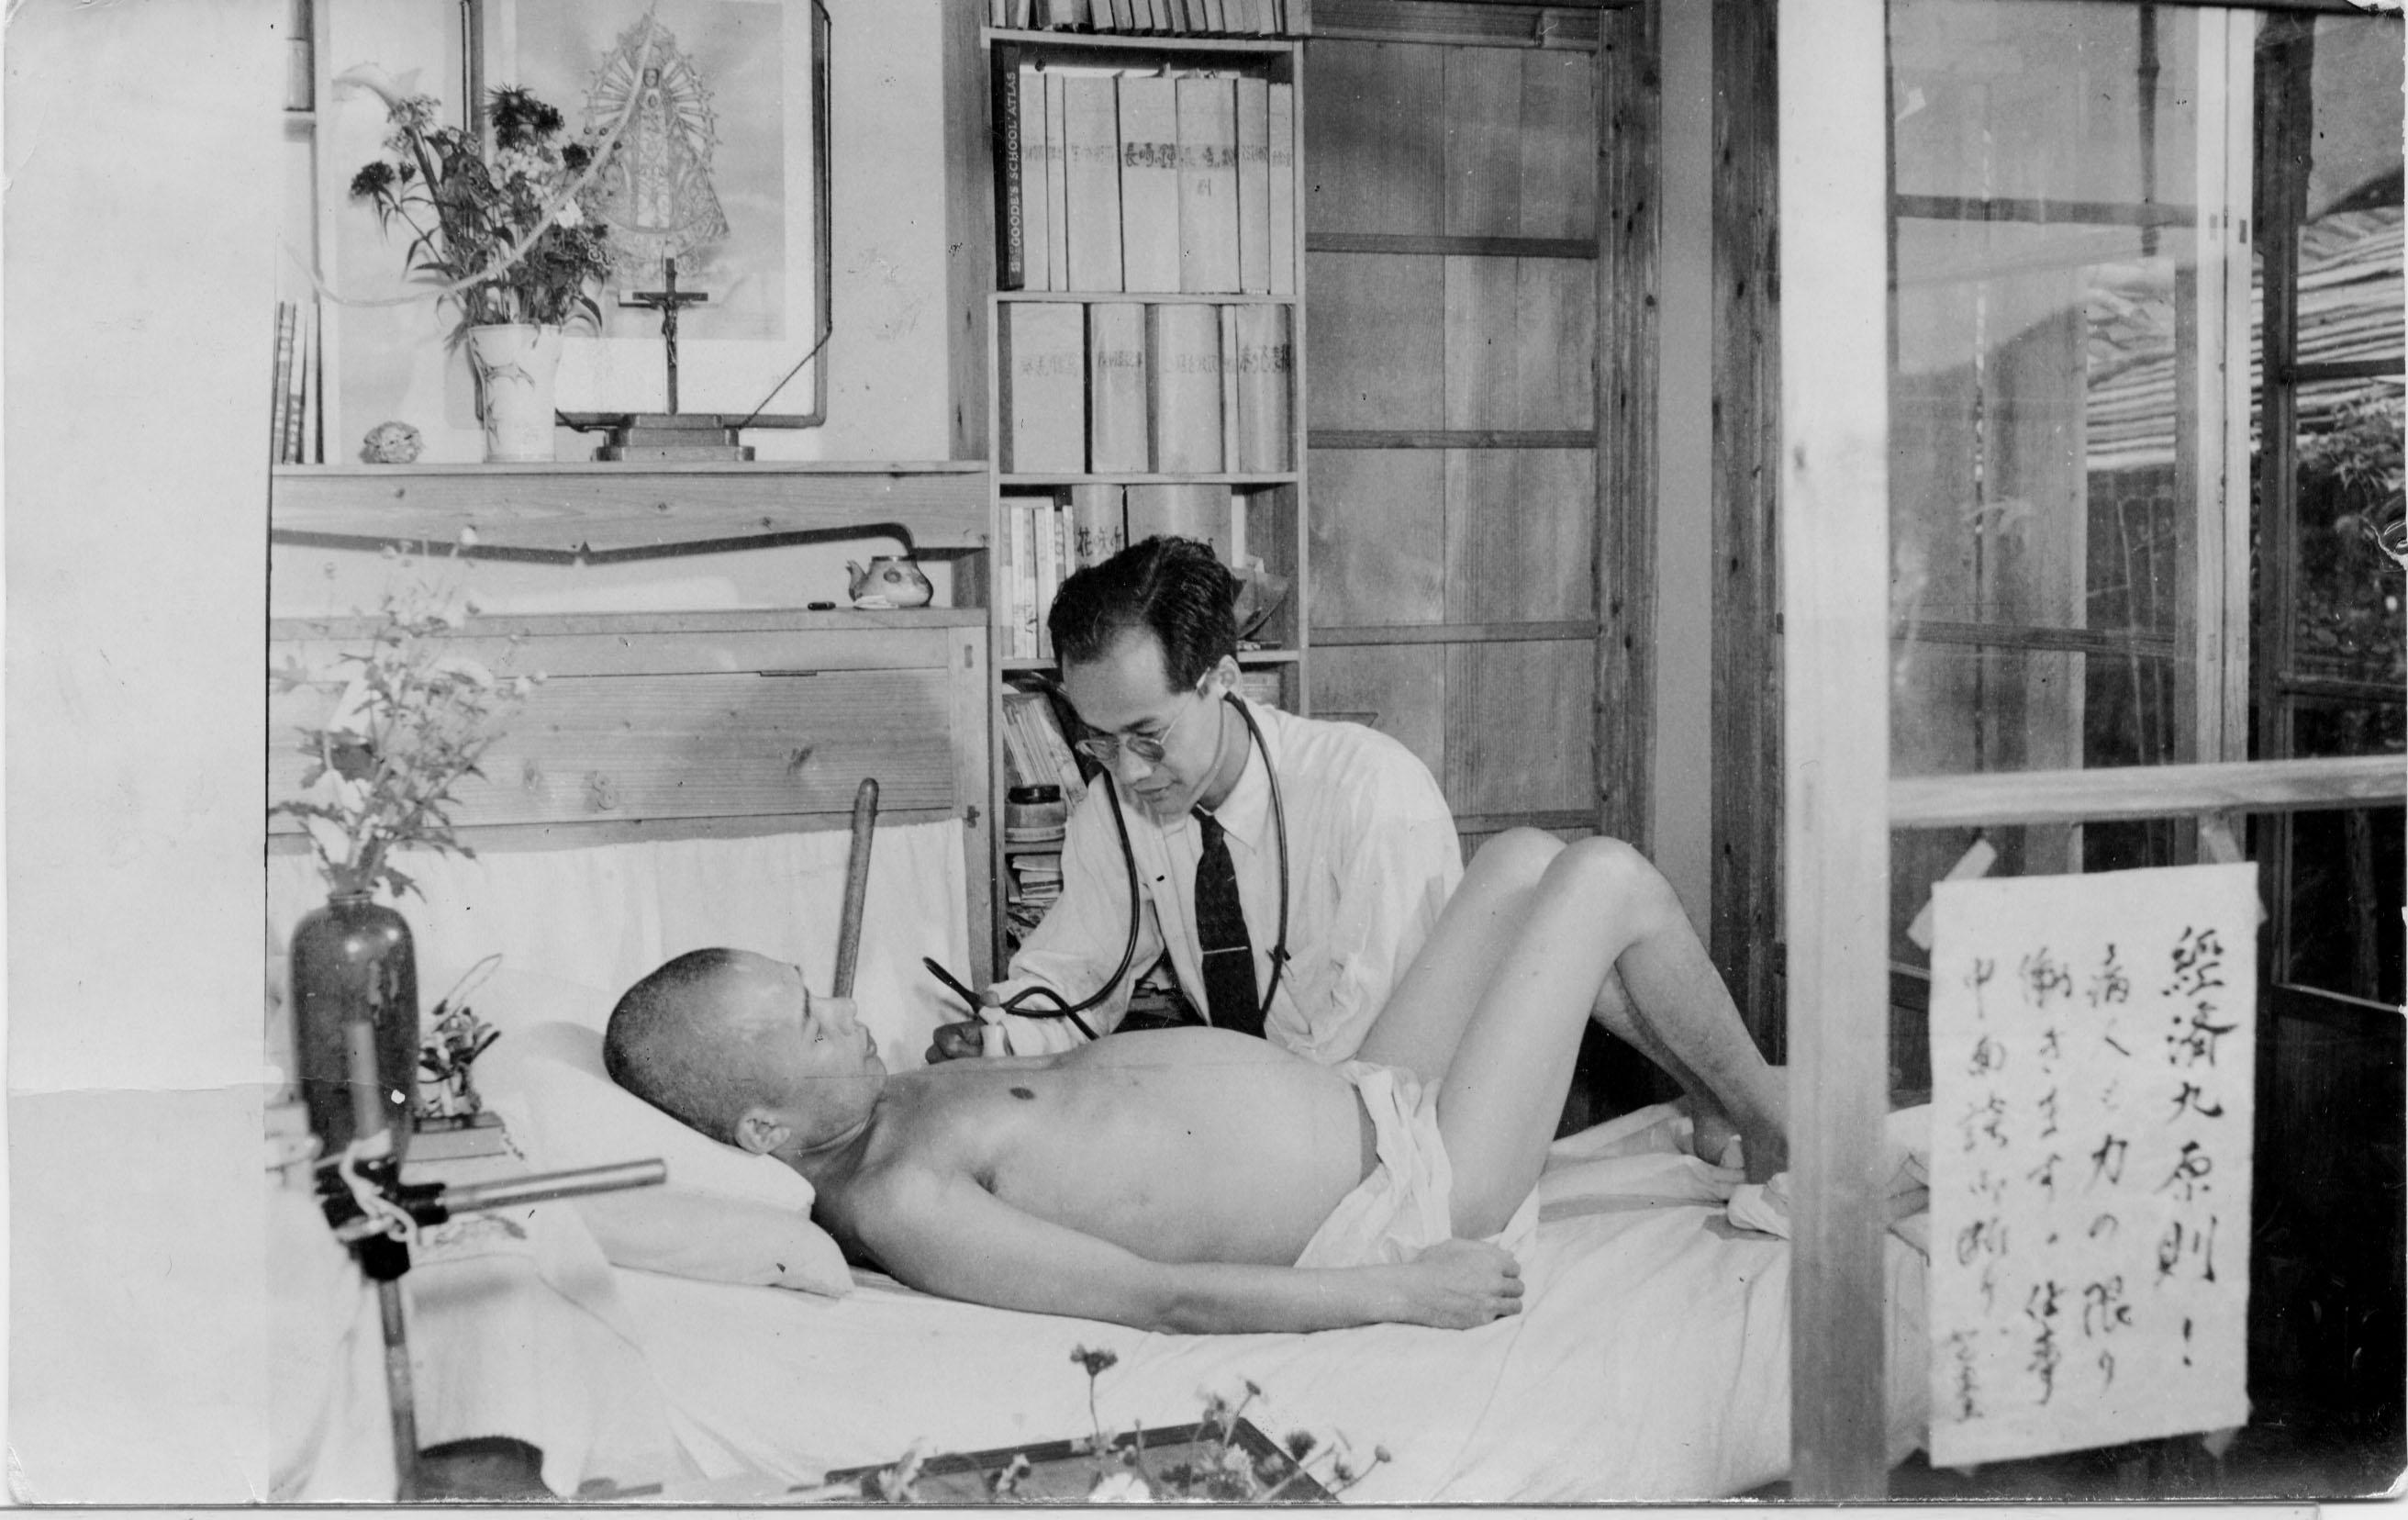 博士は自らの身体を被爆医療に捧げた。